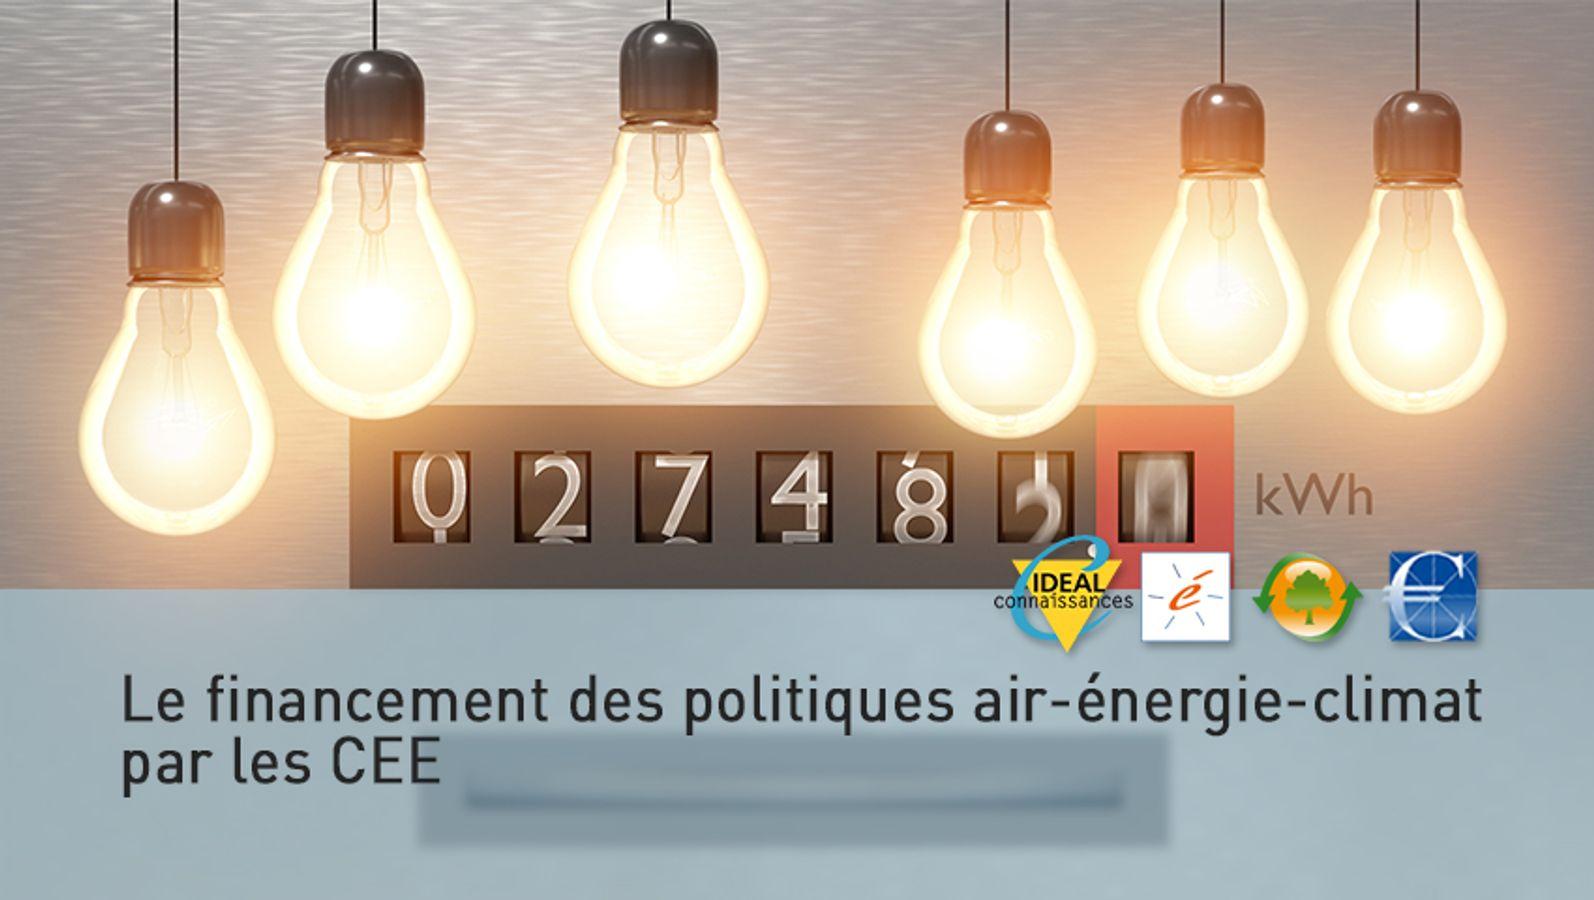 Le financement des politiques air-énergie-climat par les CEE